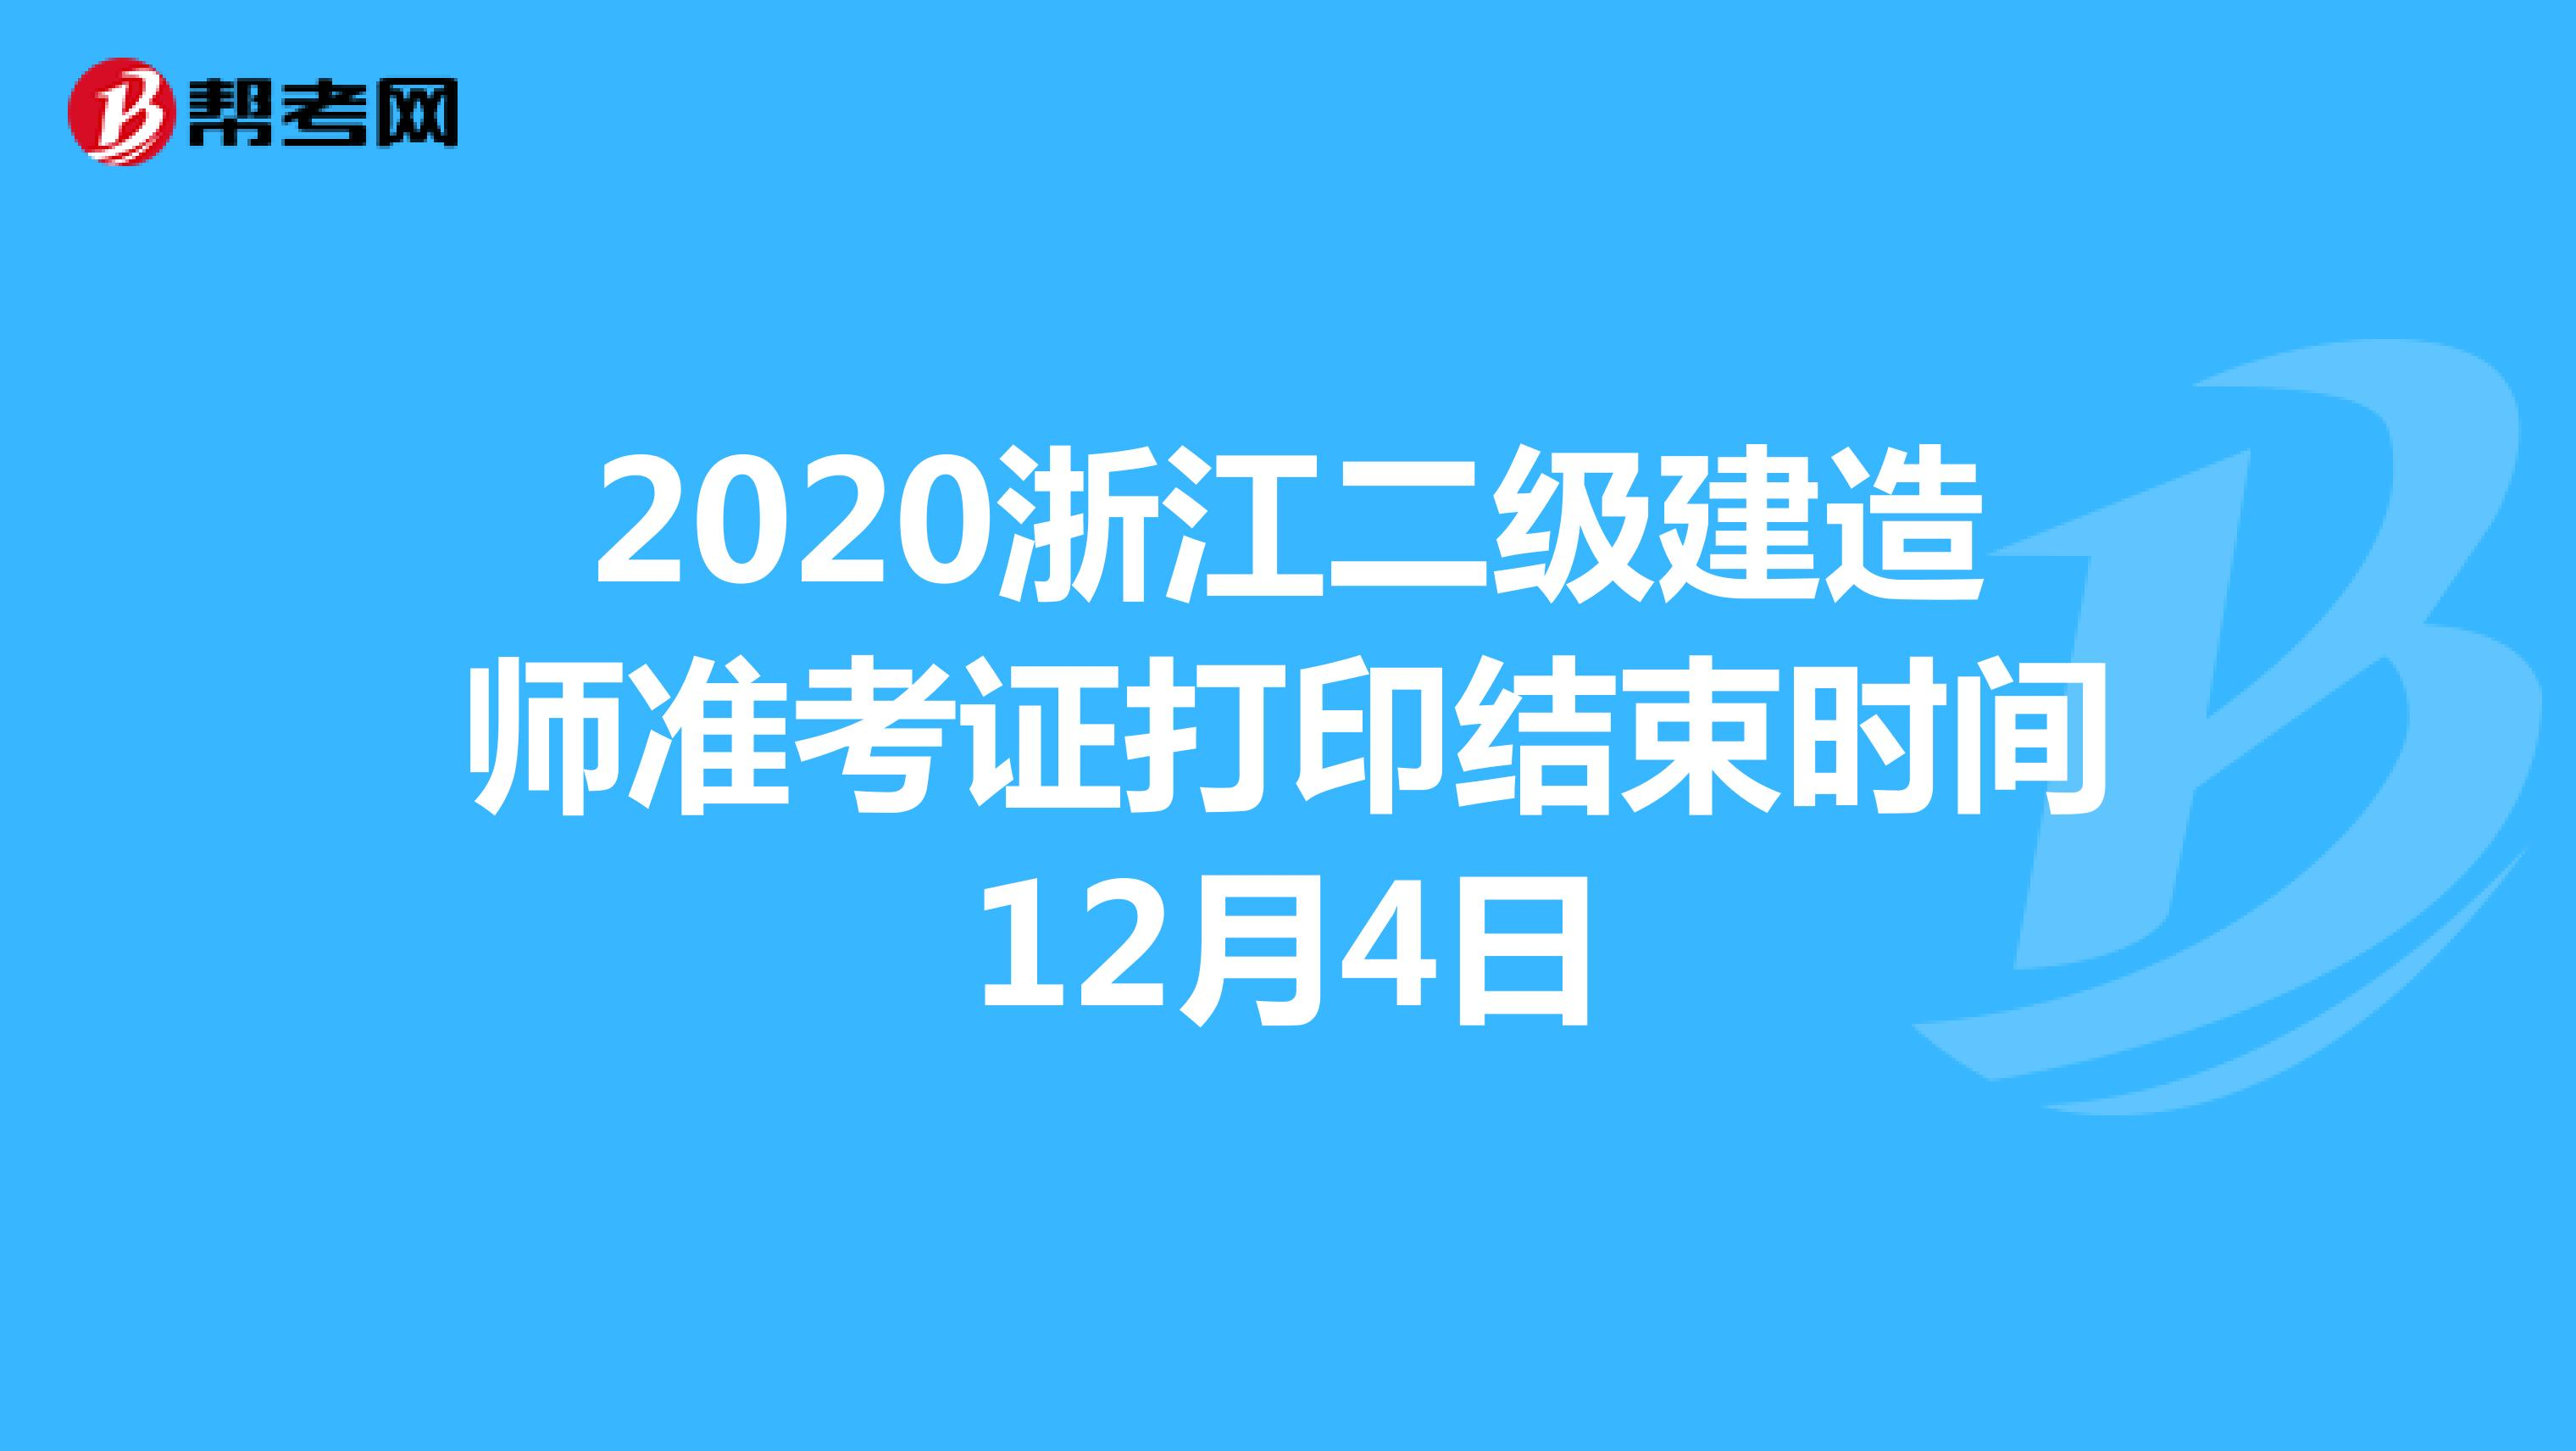 2020浙江二級建造師考試準考證打印結束時間12月4日